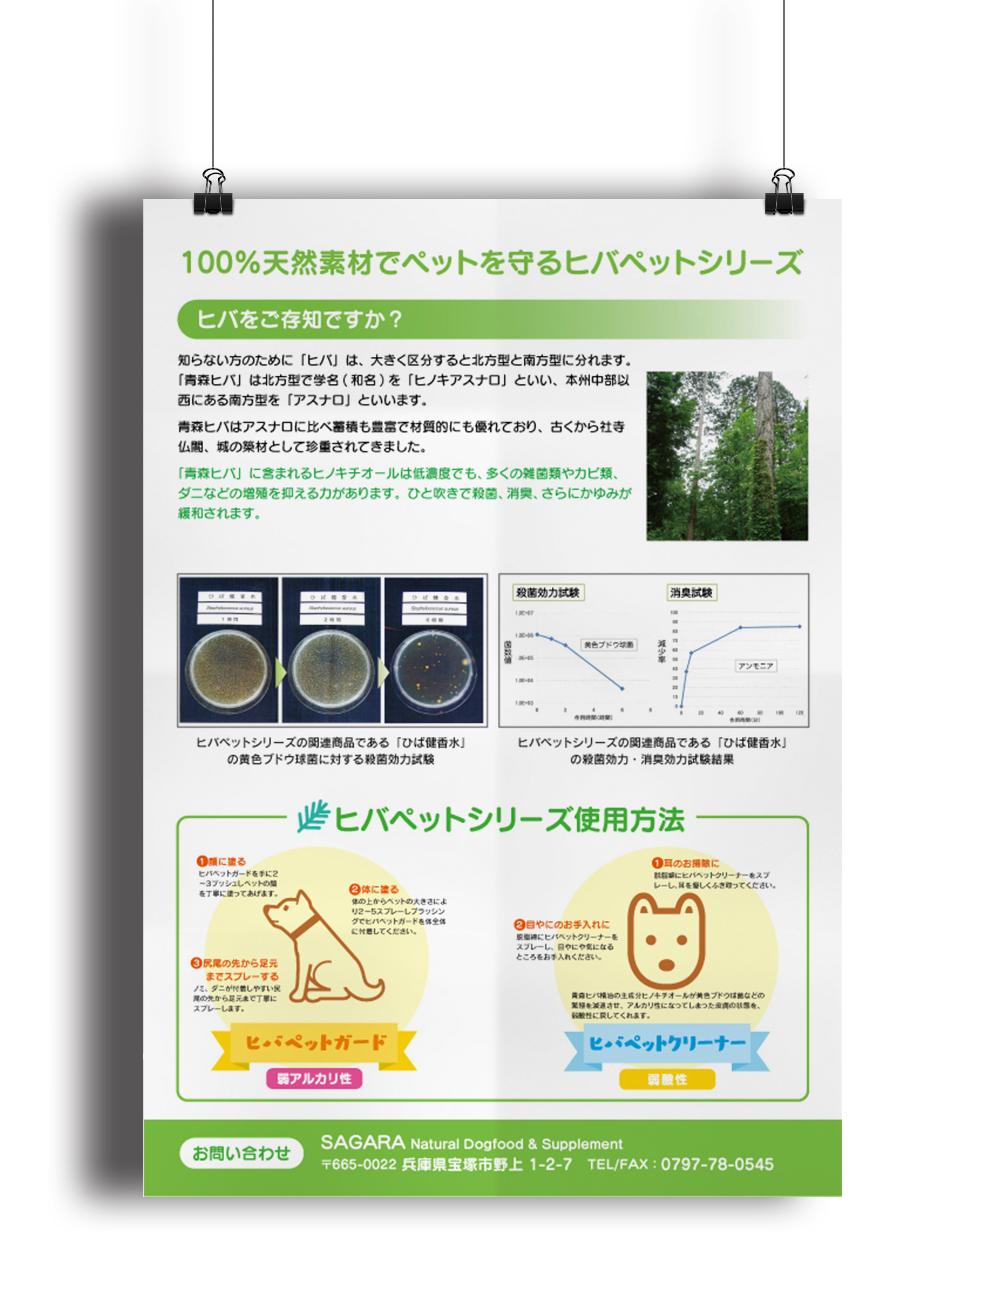 「厳選ドックフード専門店SAGARA」商品フライヤーデザイン(裏)